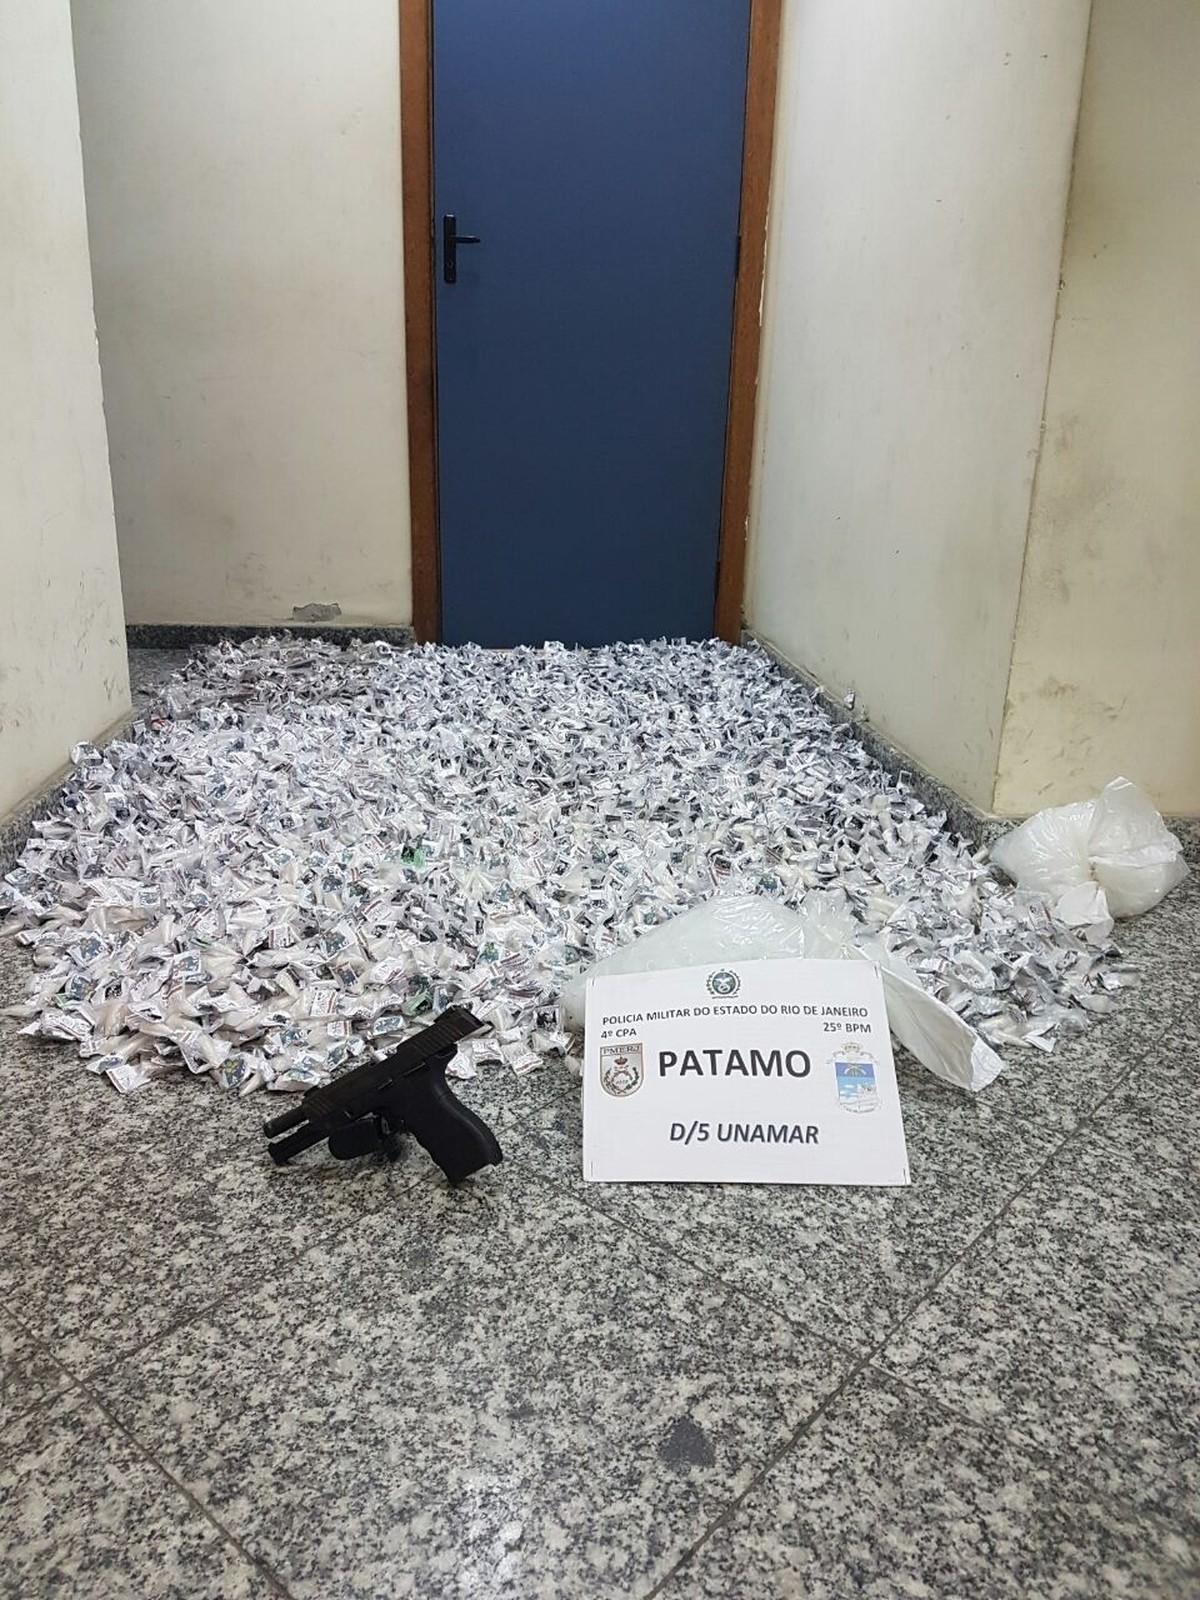 Polícia apreende carga de cocaína e maconha, e detém suspeito em Cabo Frio, no RJ